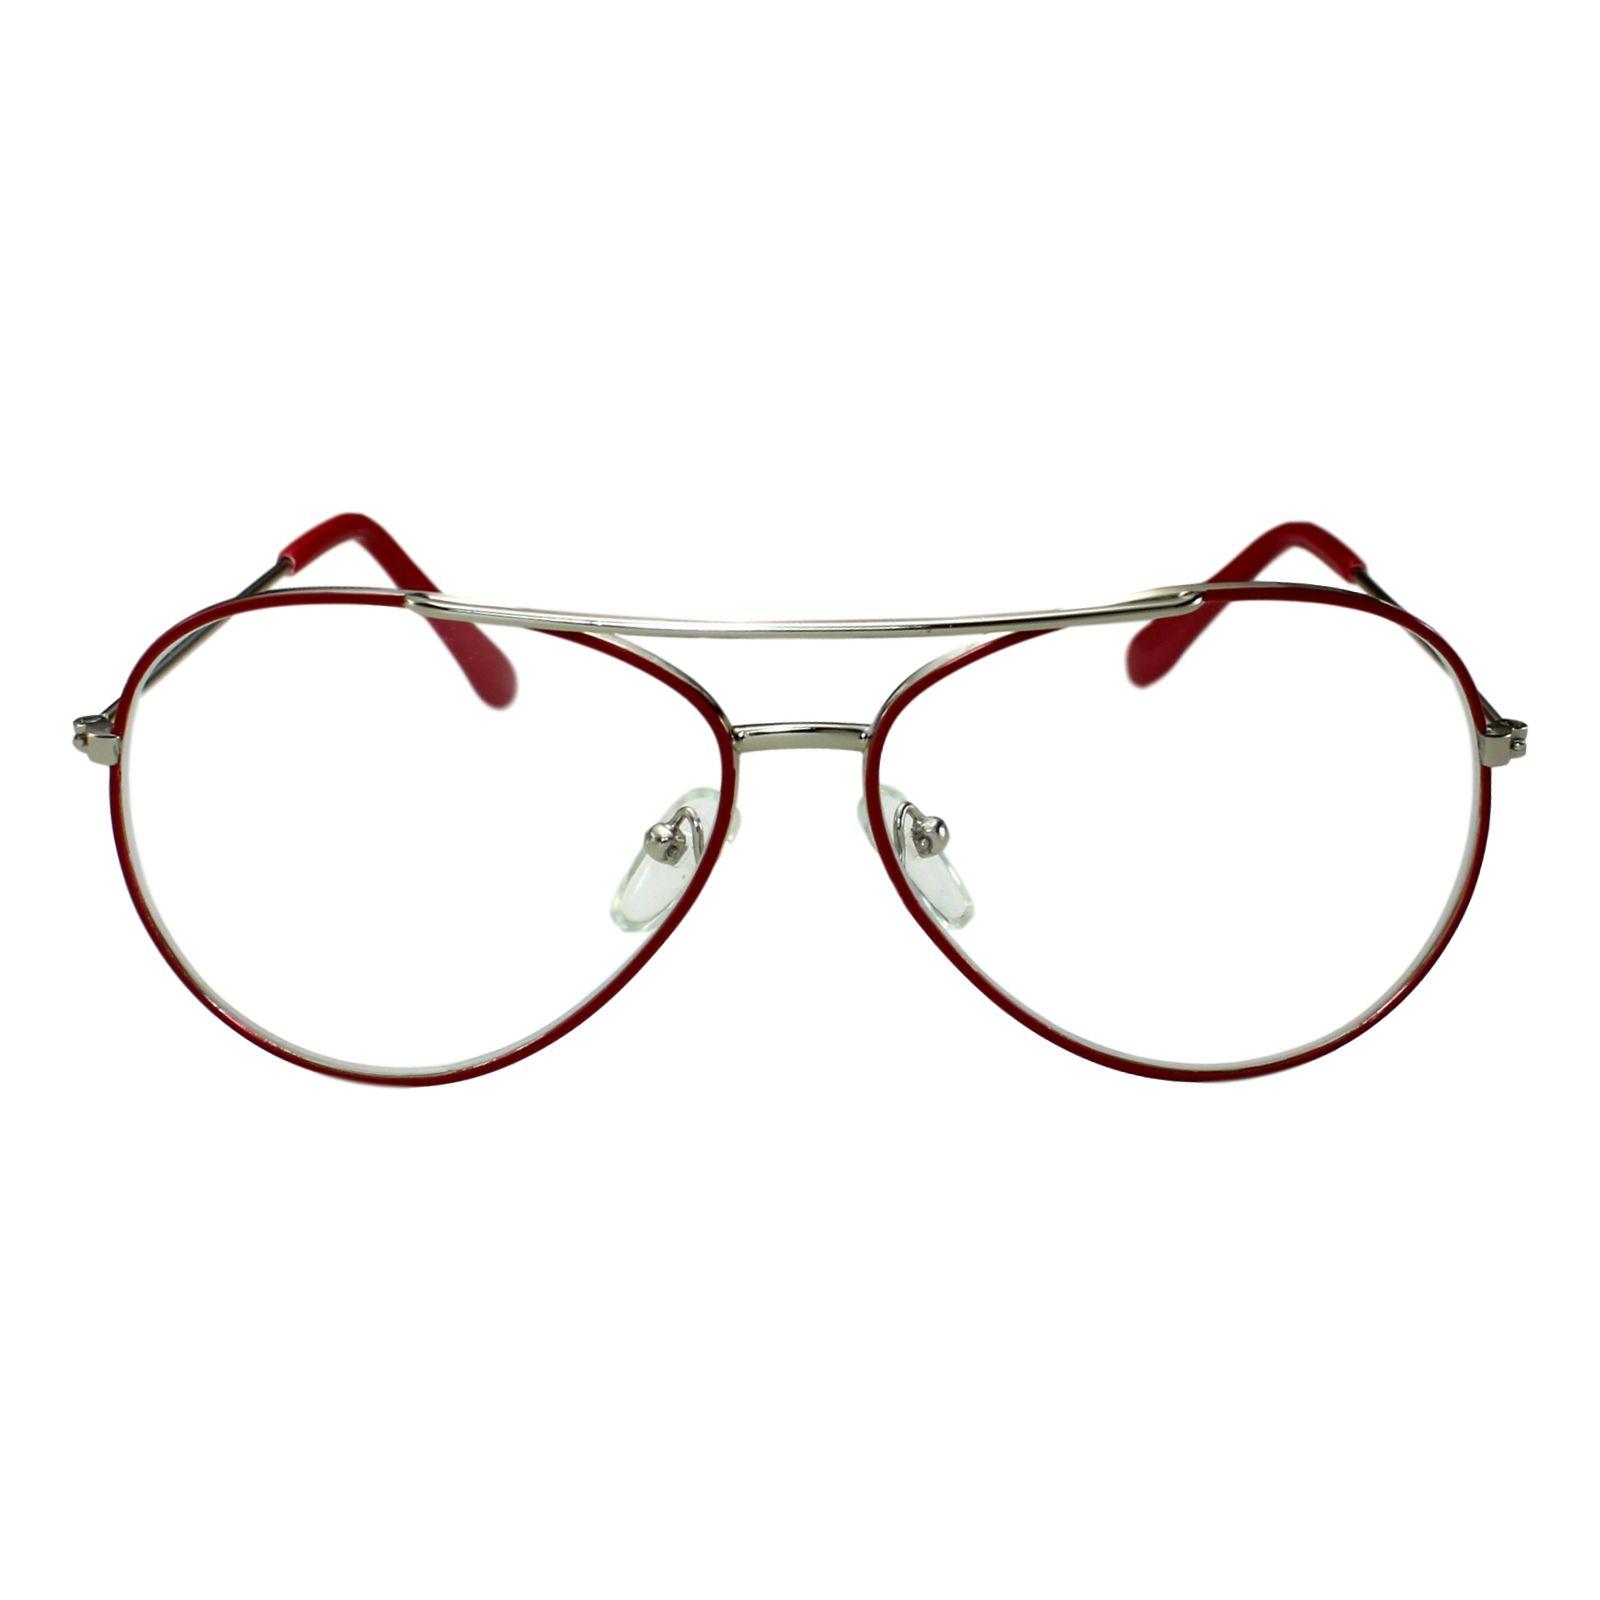 75a2d6003db5e ... Armação para Óculos Díspar ID1745 infantil- Vermelho Idade 9 a 12 anos  ...